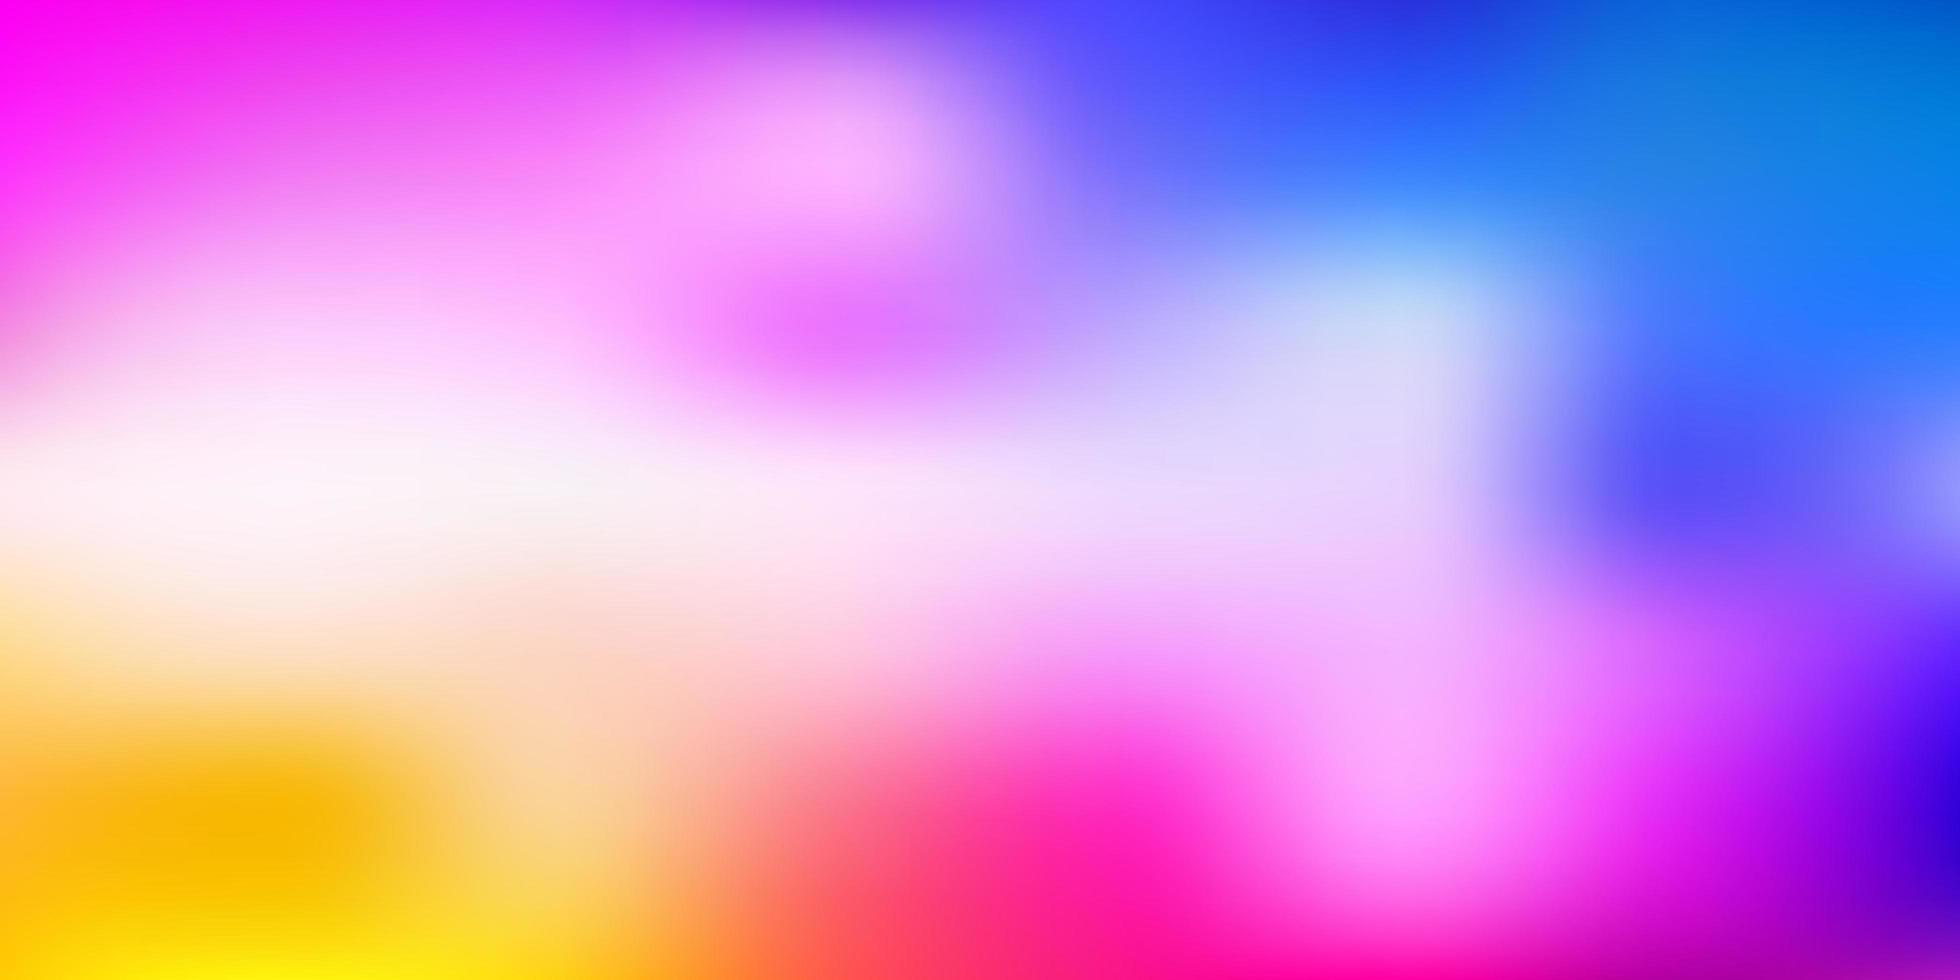 hellrosa, blauer Vektor abstrakter Unschärfehintergrund.